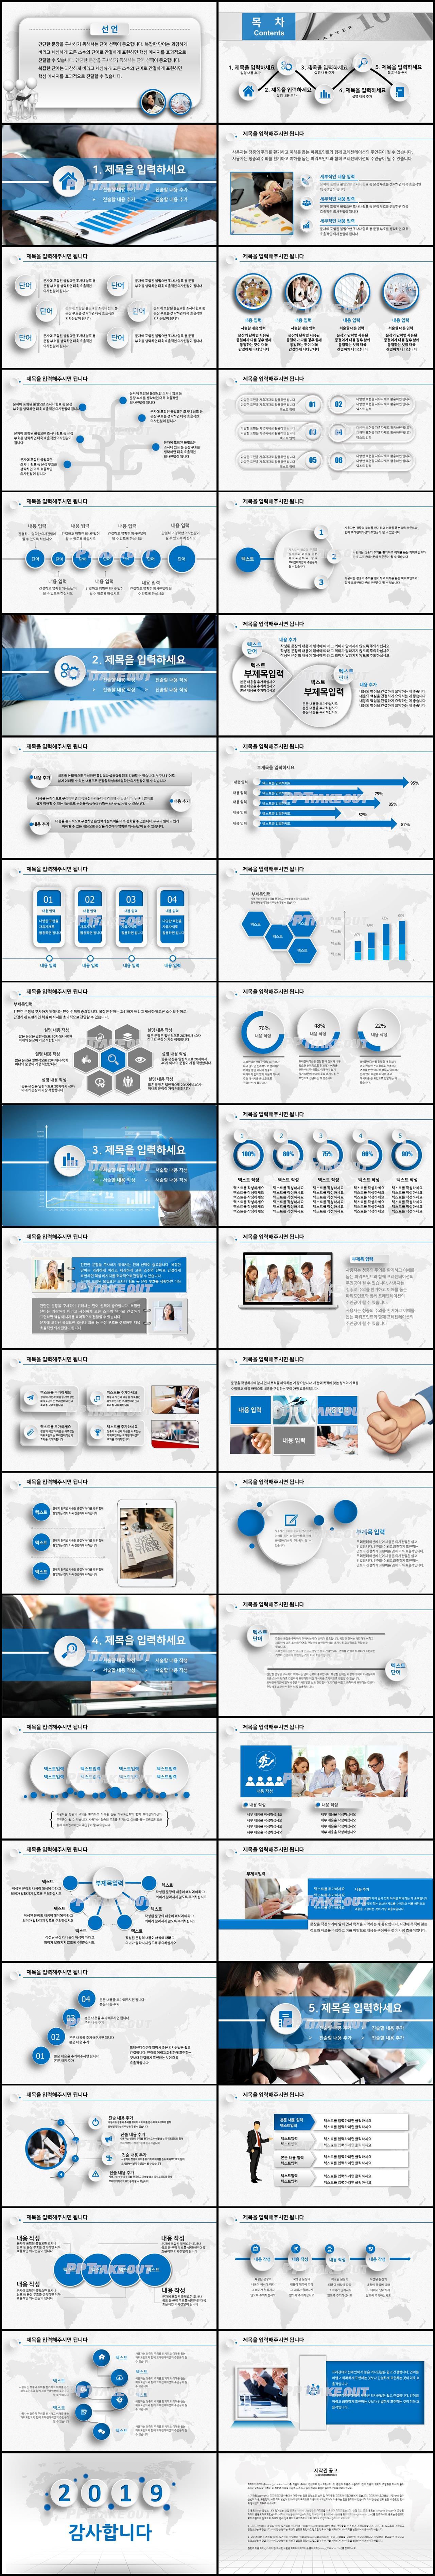 업무보고 블루 단출한 다양한 주제에 어울리는 POWERPOINT양식 디자인 상세보기